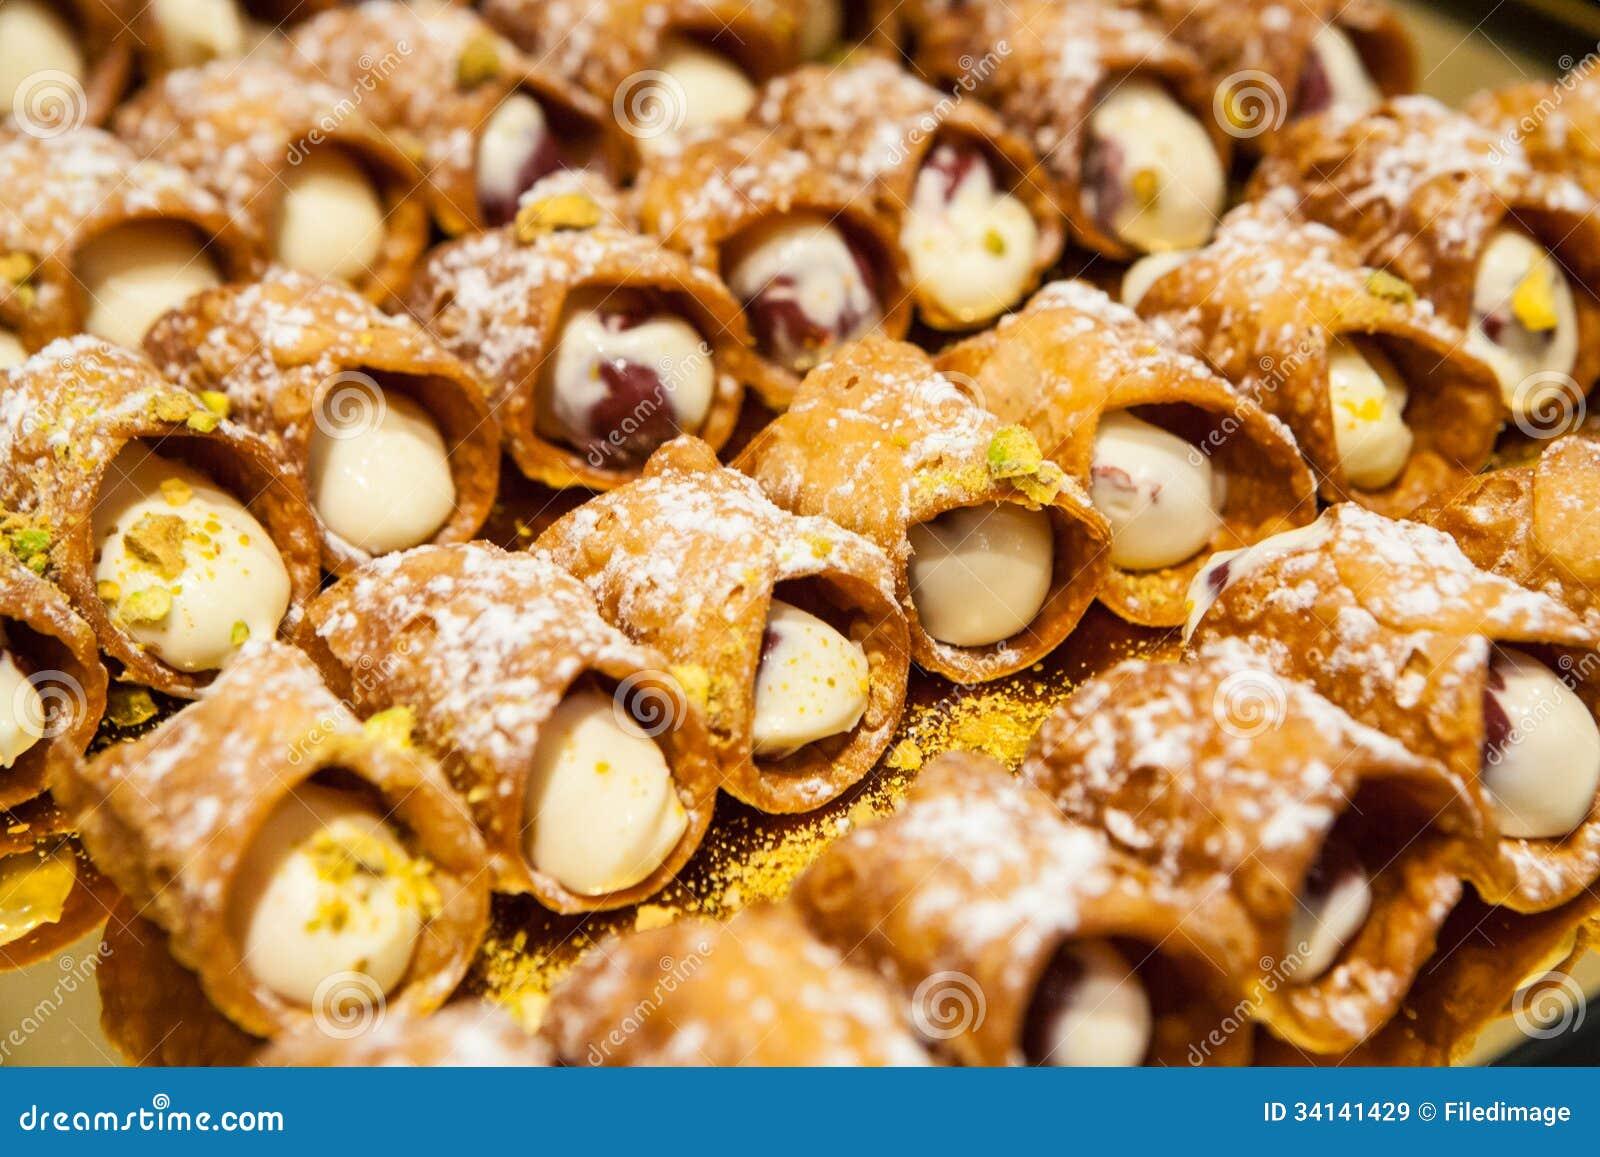 Canelones dulces im genes de archivo libres de regal as - Fotos de canalones ...